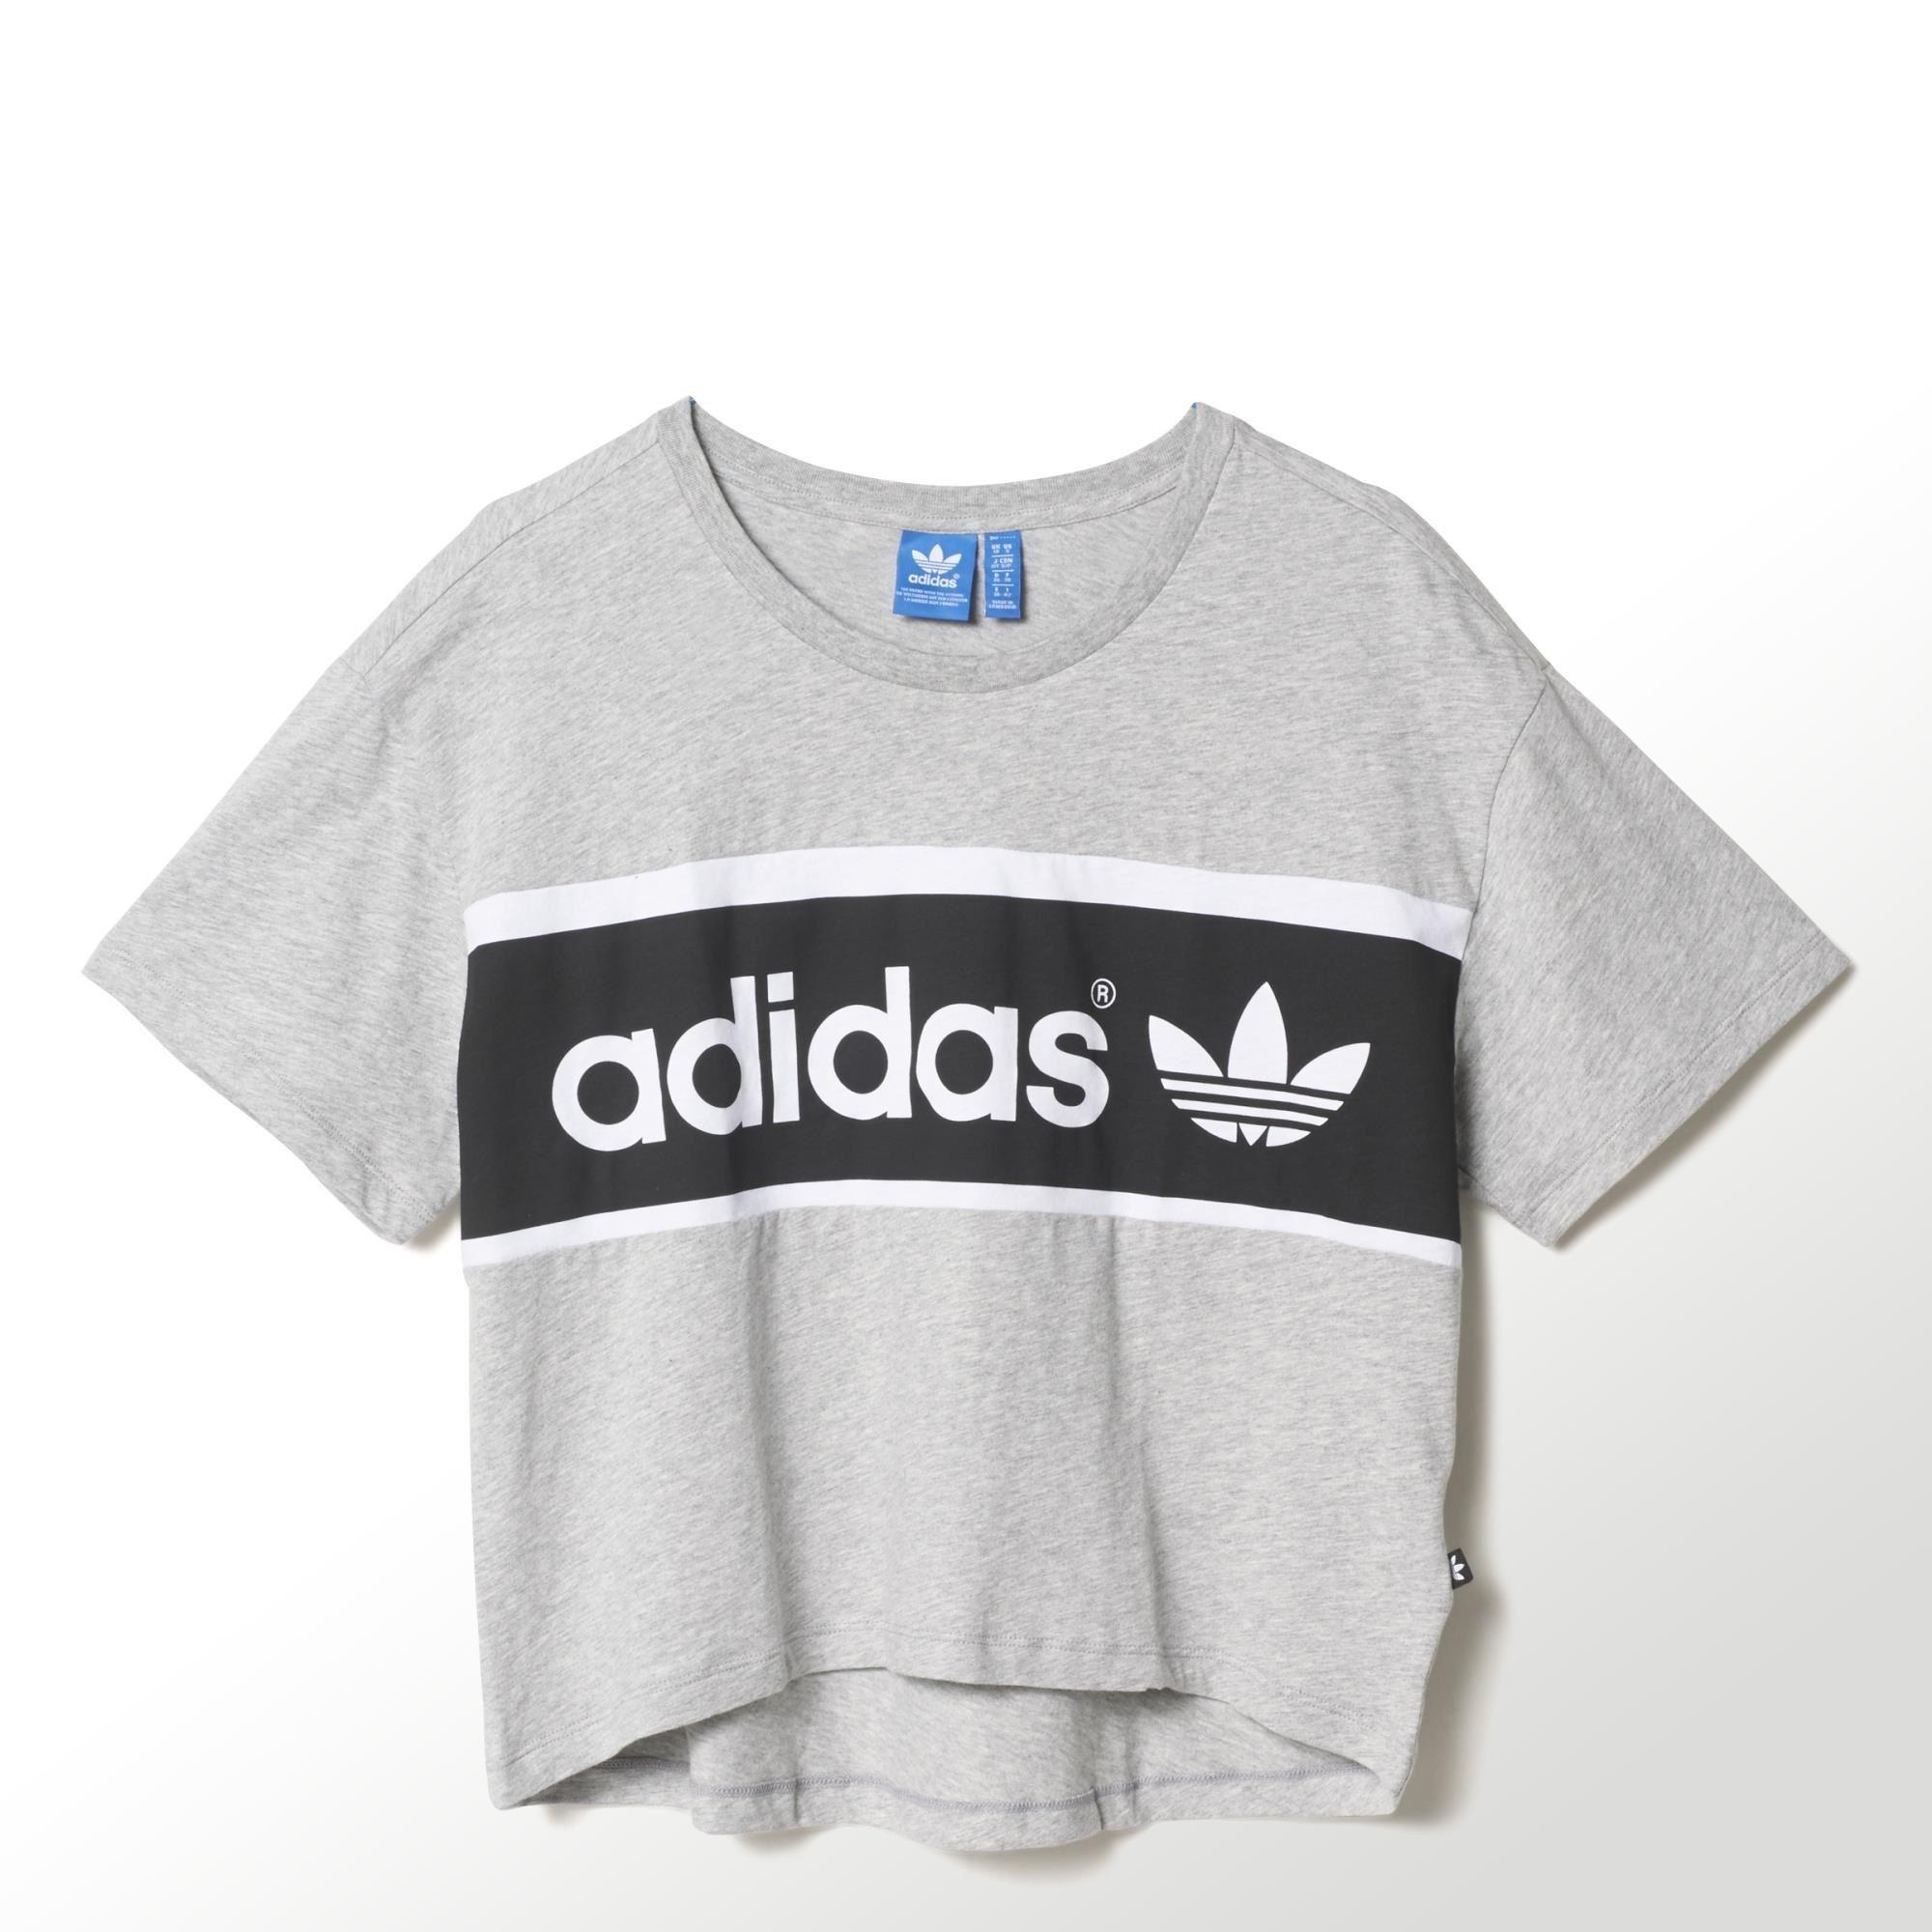 adidas camisetas mujer